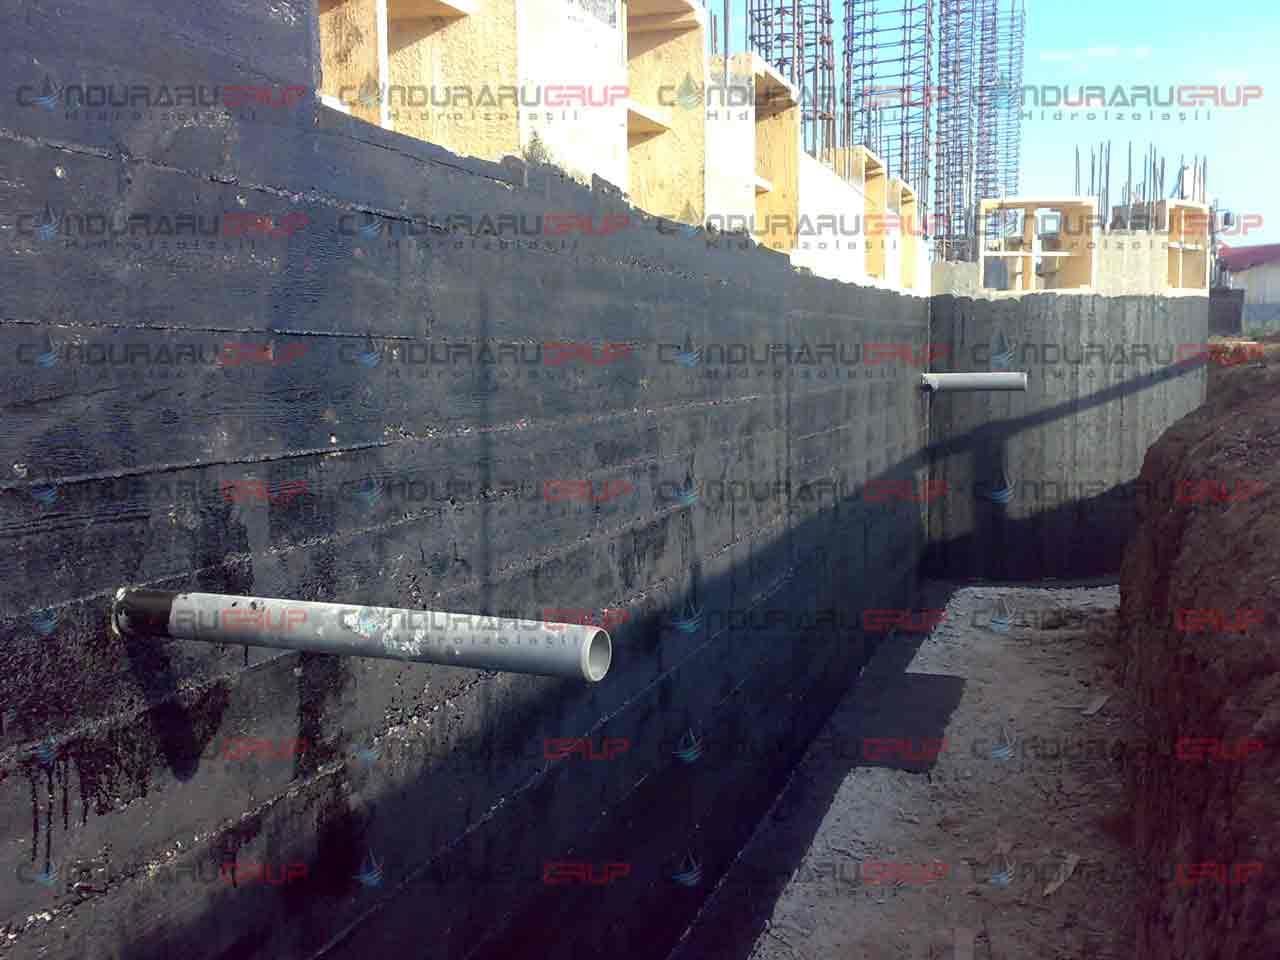 Constructii civile P+2 CONDURARU GRUP - Poza 4